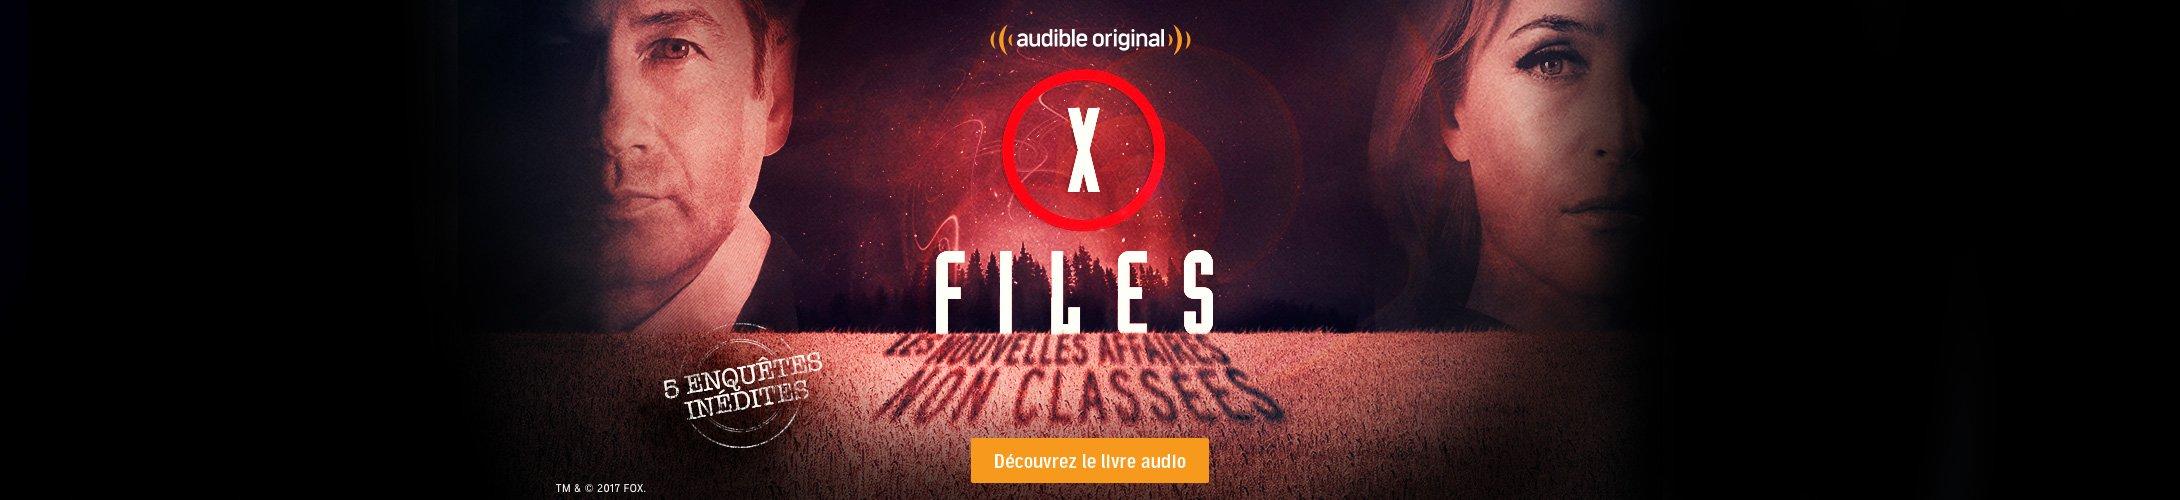 X-Files, les nouvelles affaires non classées - une création omnisonore Audible